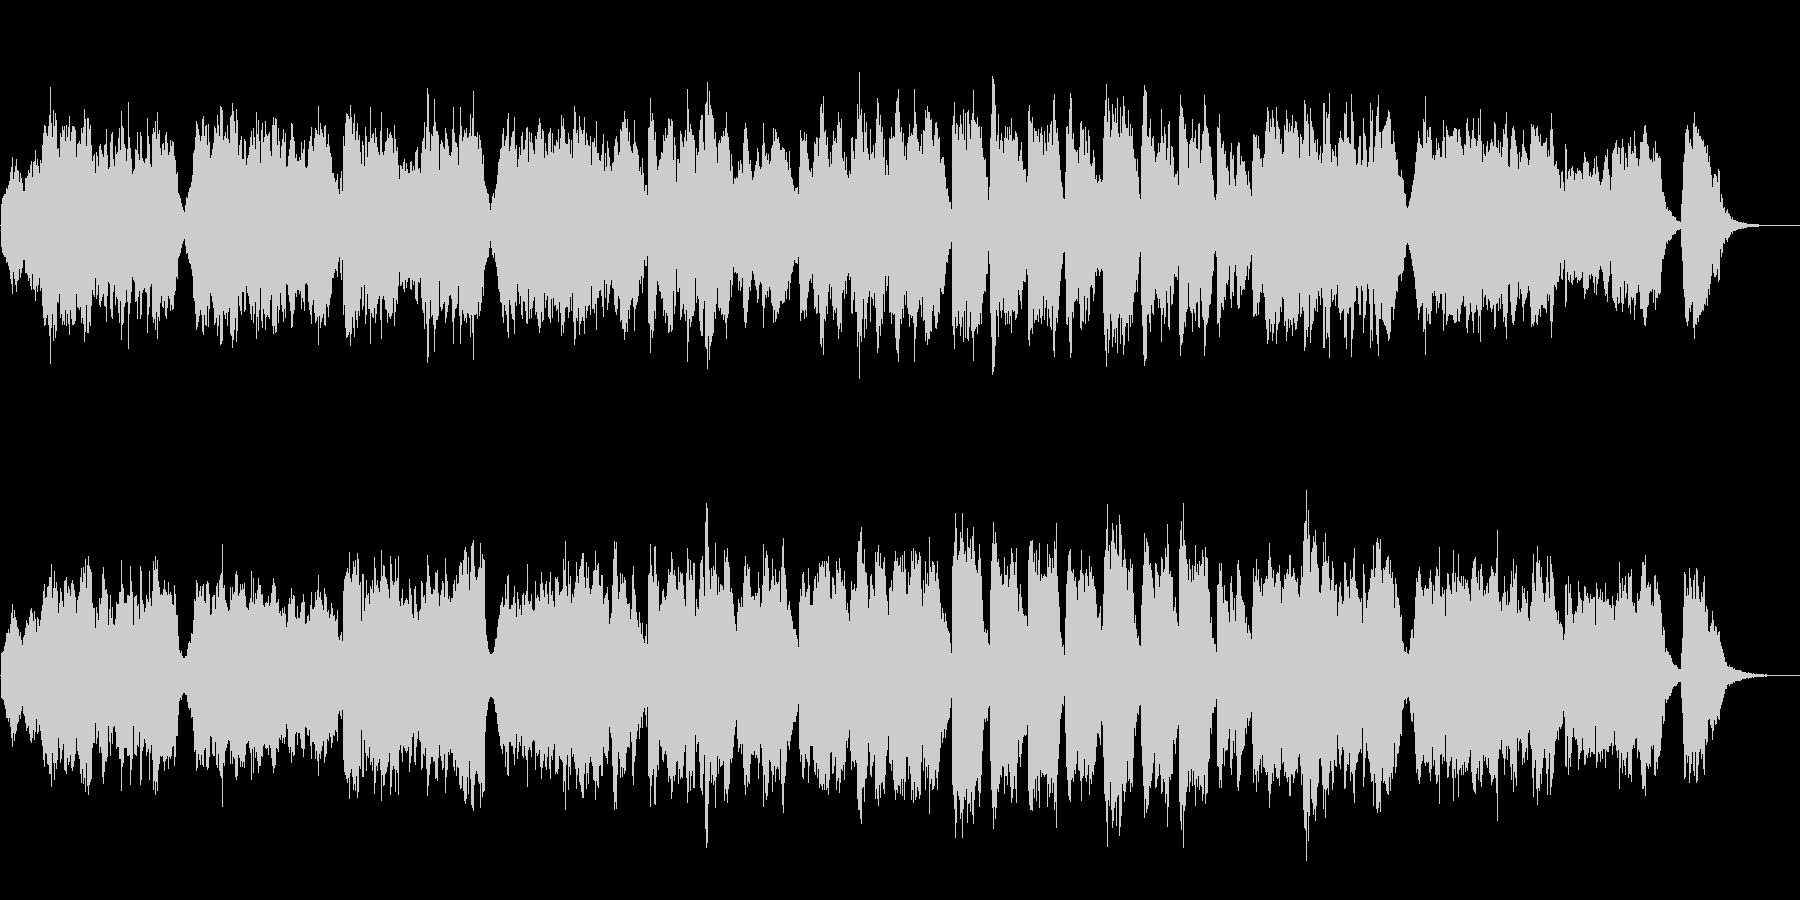 フォーレのシチリアーナをフルートに編曲の未再生の波形